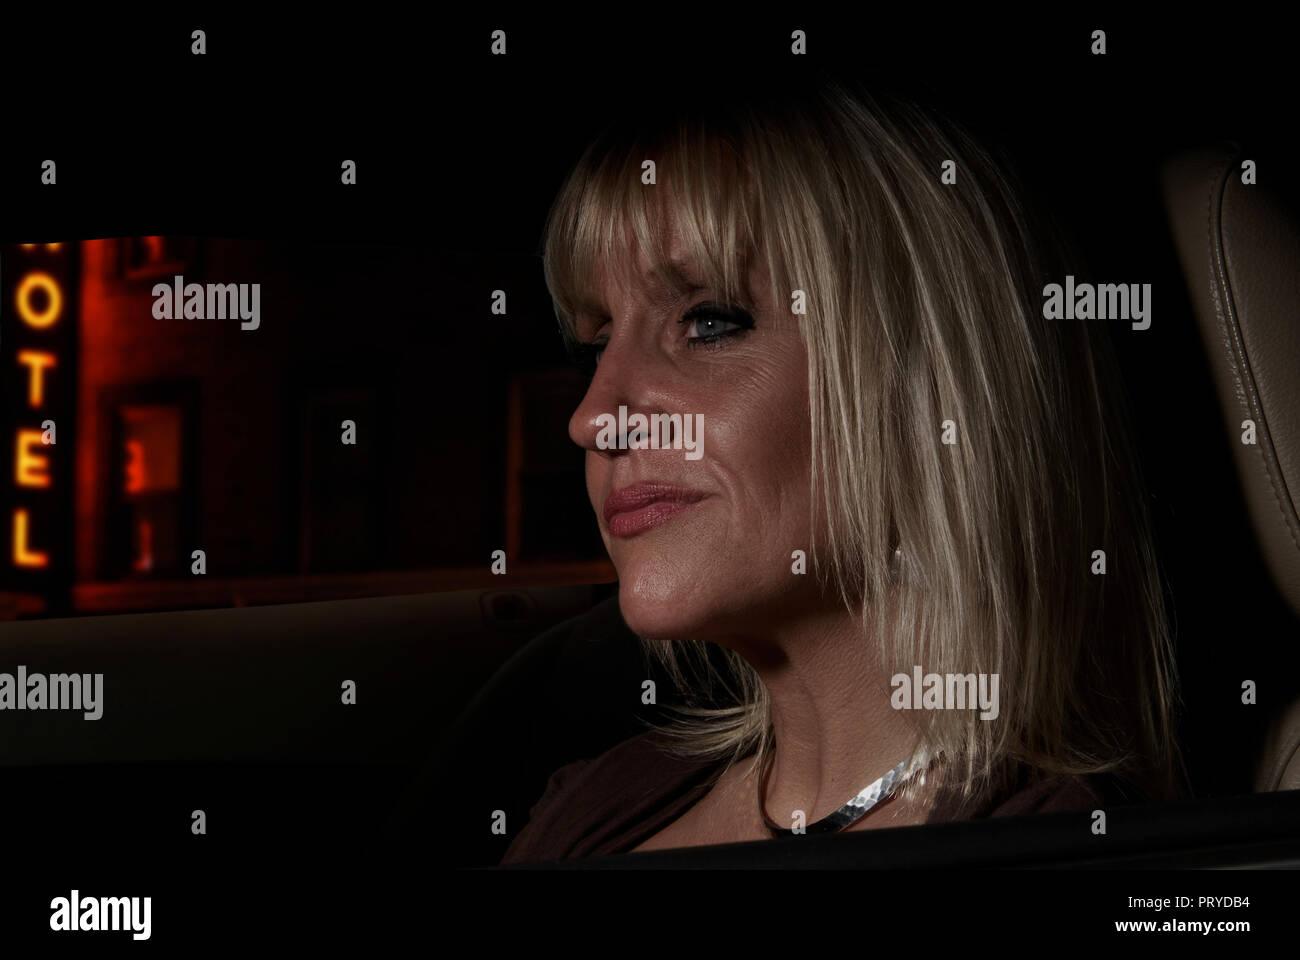 Fotografía conceptual de una mujer en un coche de noche fuera de un hotel, como si la comprobación de su marido. Exclusivo. Derechos gestionados Foto de stock